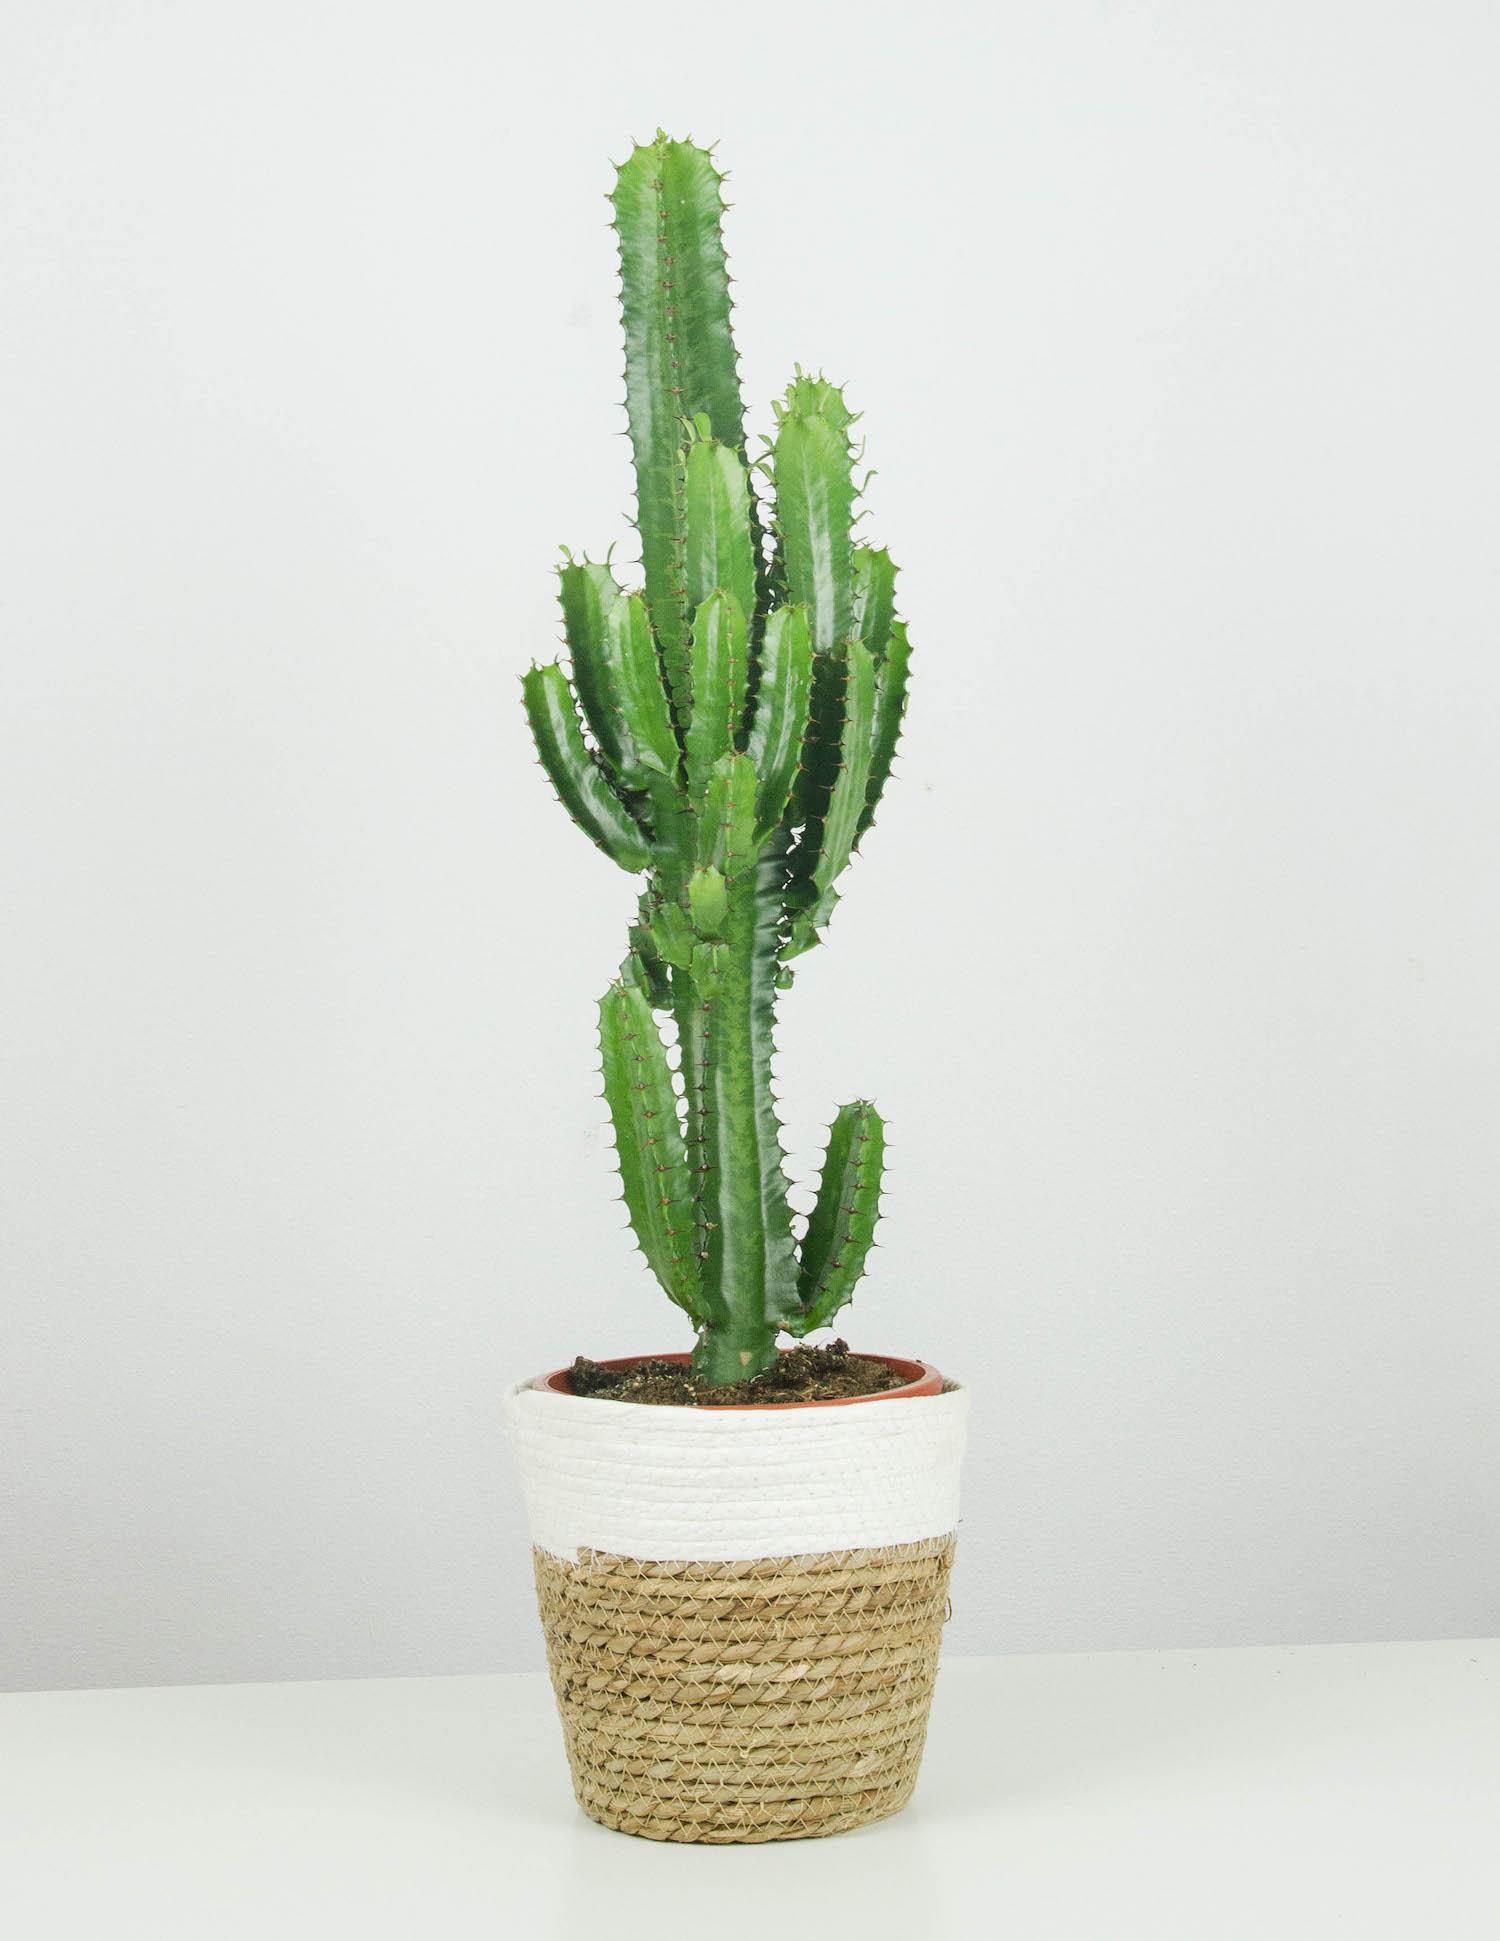 Eddy Euphorbia